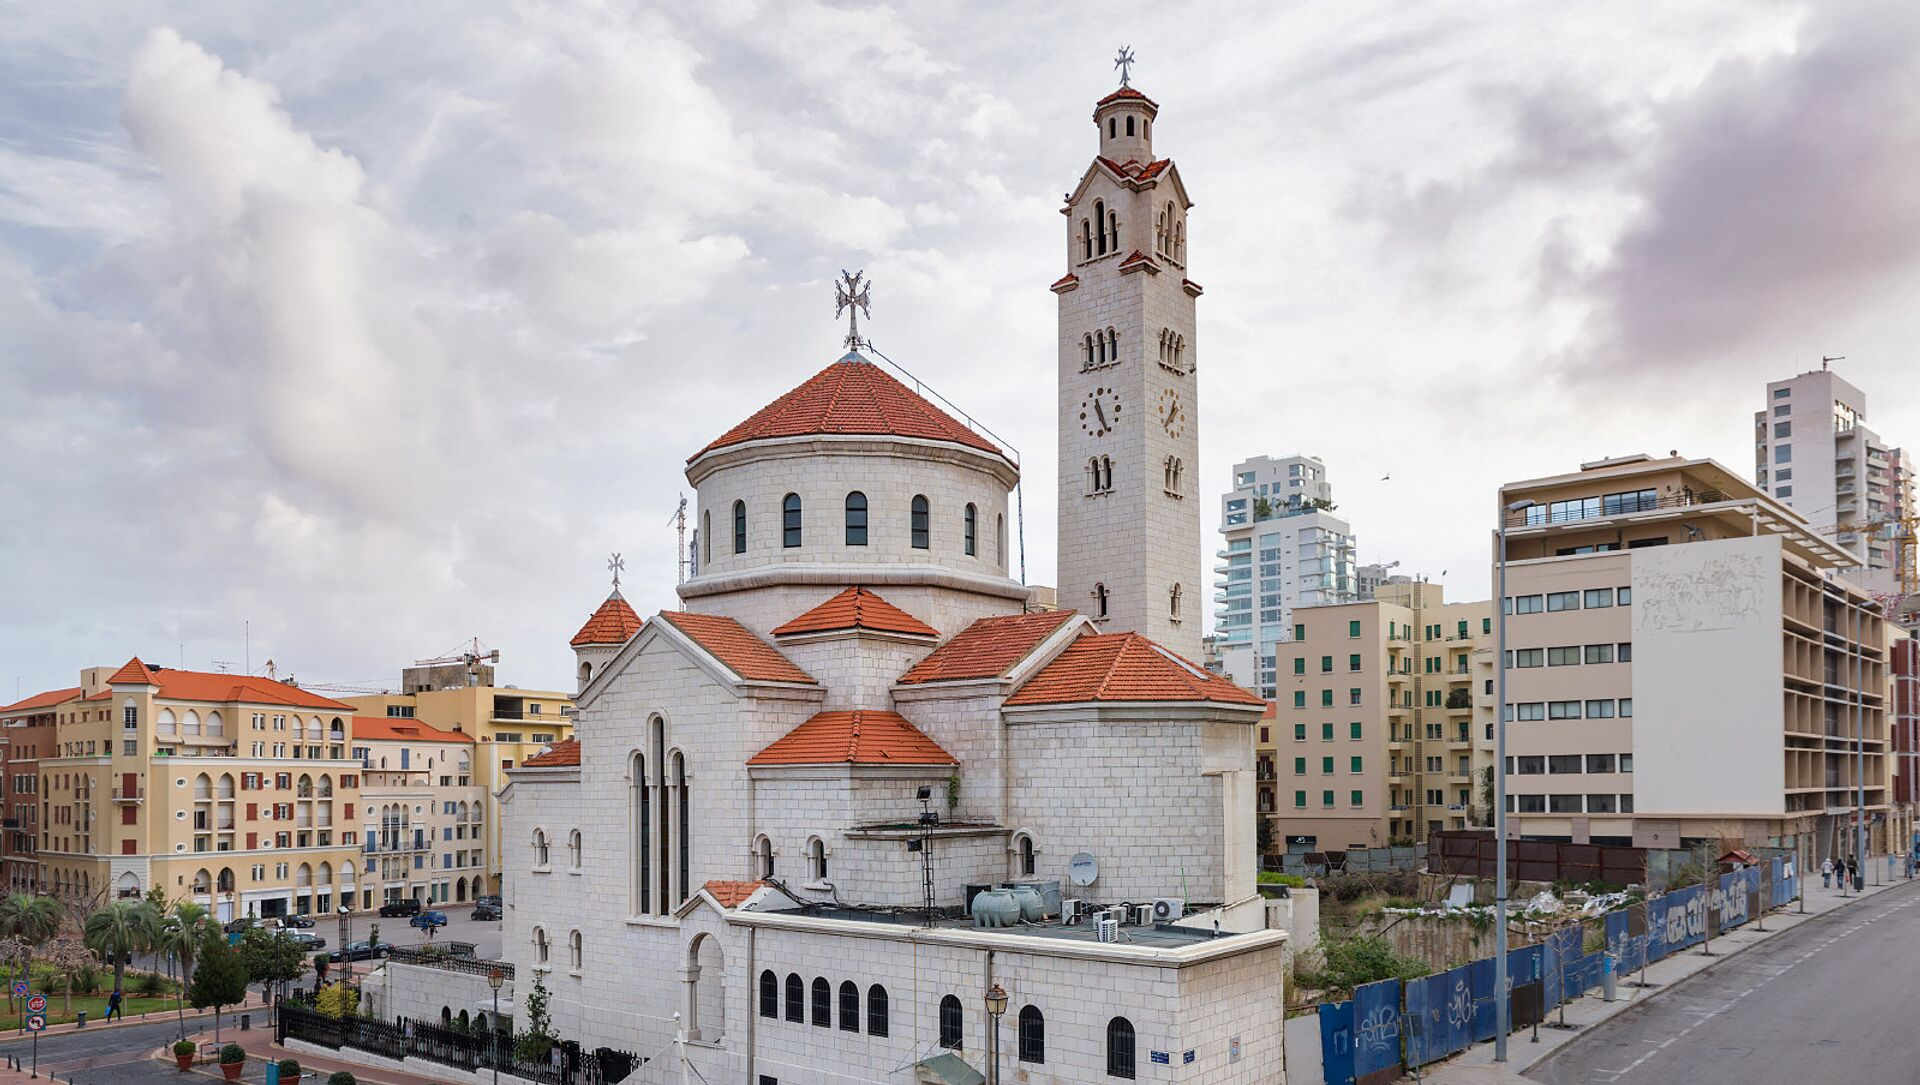 Католический собор армянской католической церкви Св.Ильи и Св.Григория Просвятителя. Бейрут, Ливан - Sputnik Армения, 1920, 25.05.2021